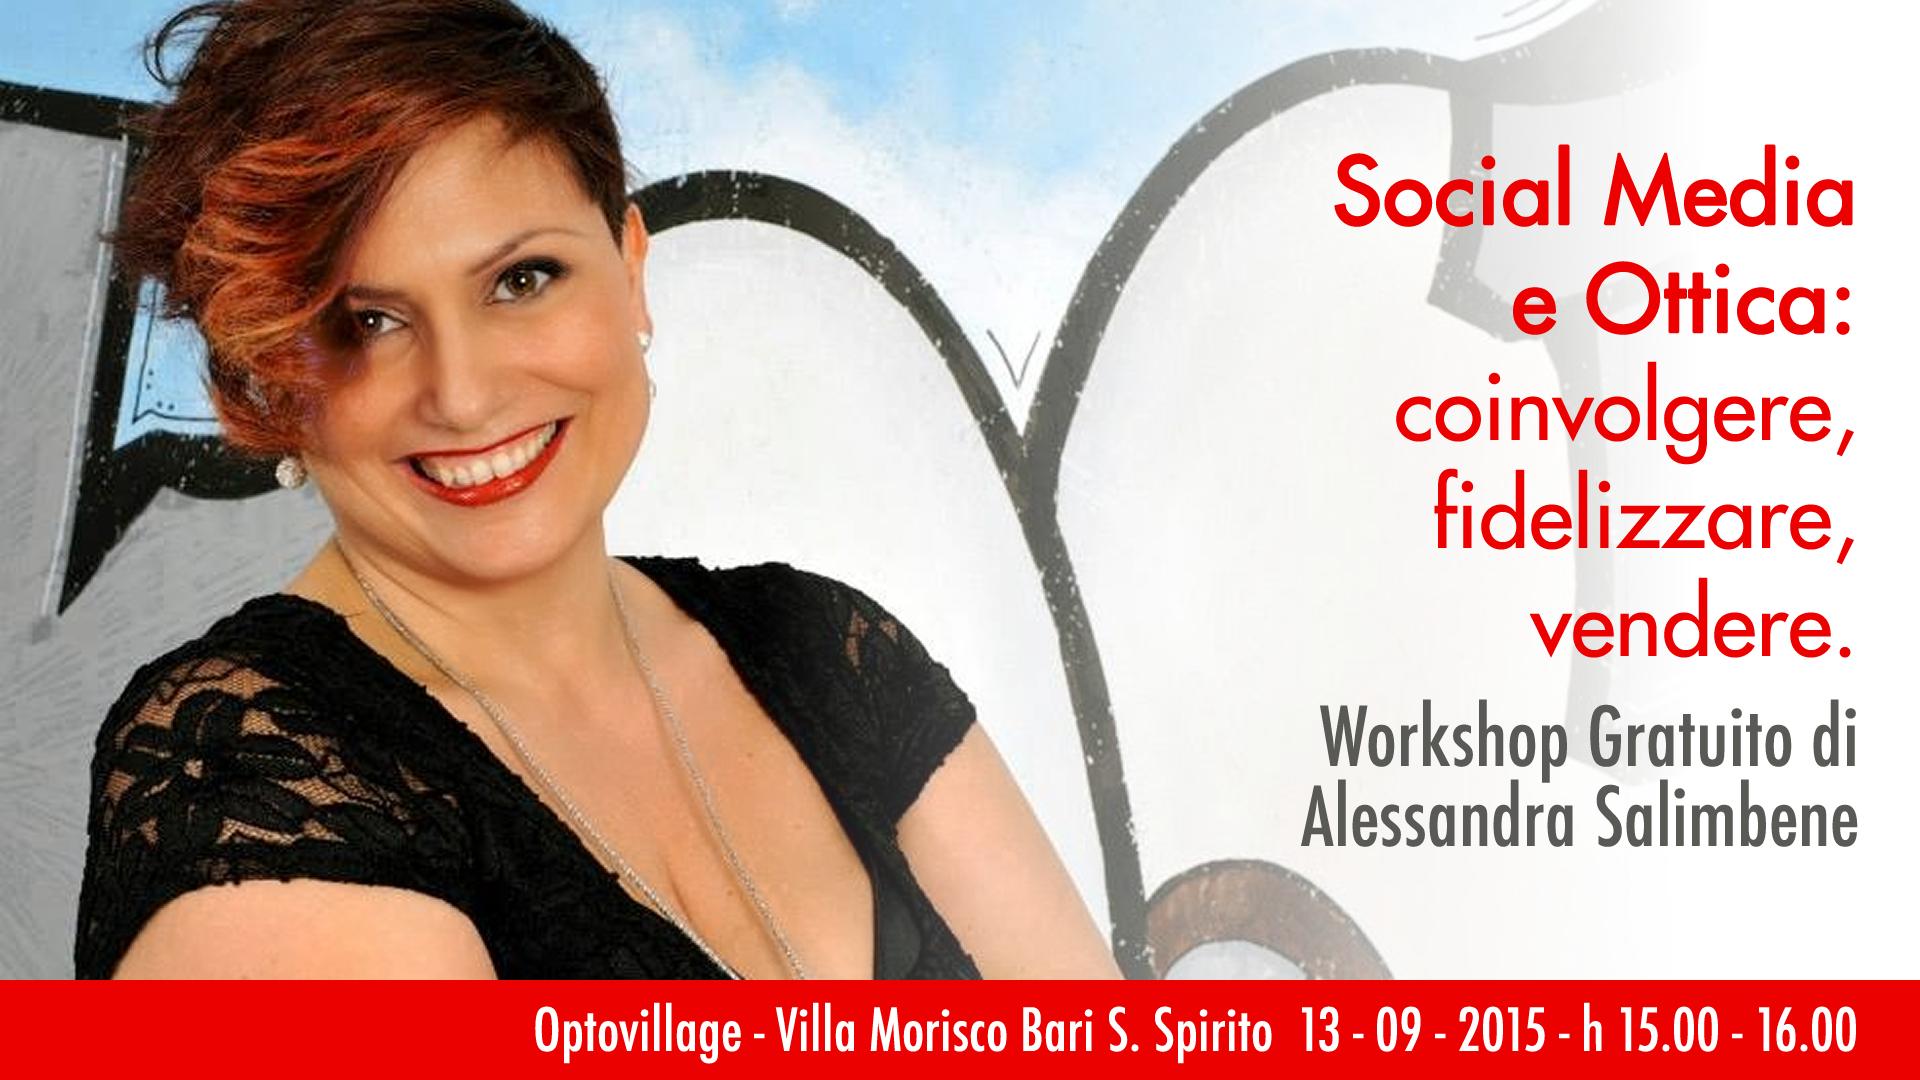 Social Media e Ottica: coinvolgere, fidelizzare, vendere.